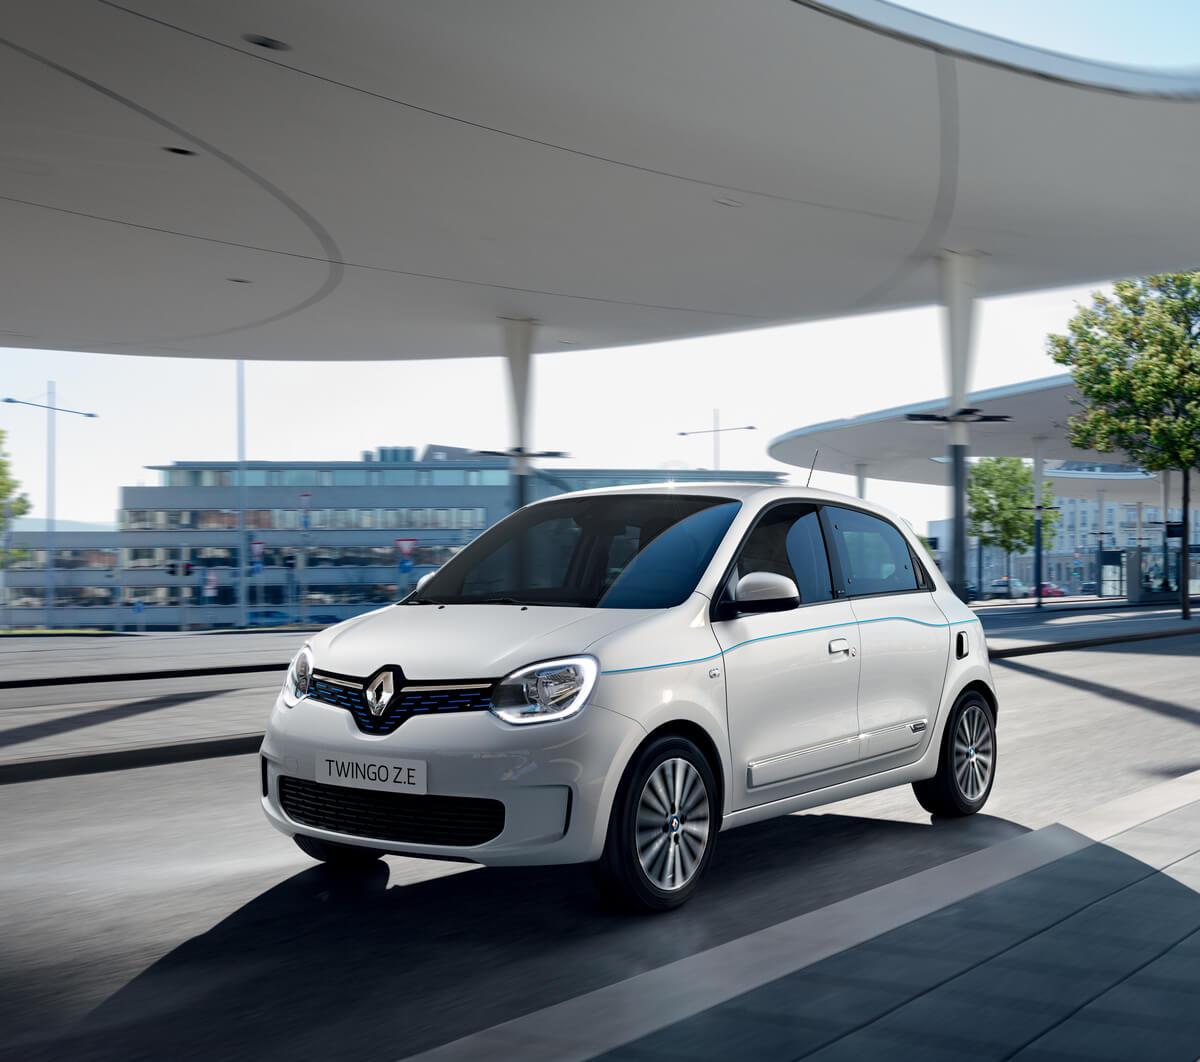 Renault Twingo ZE 22 kWh